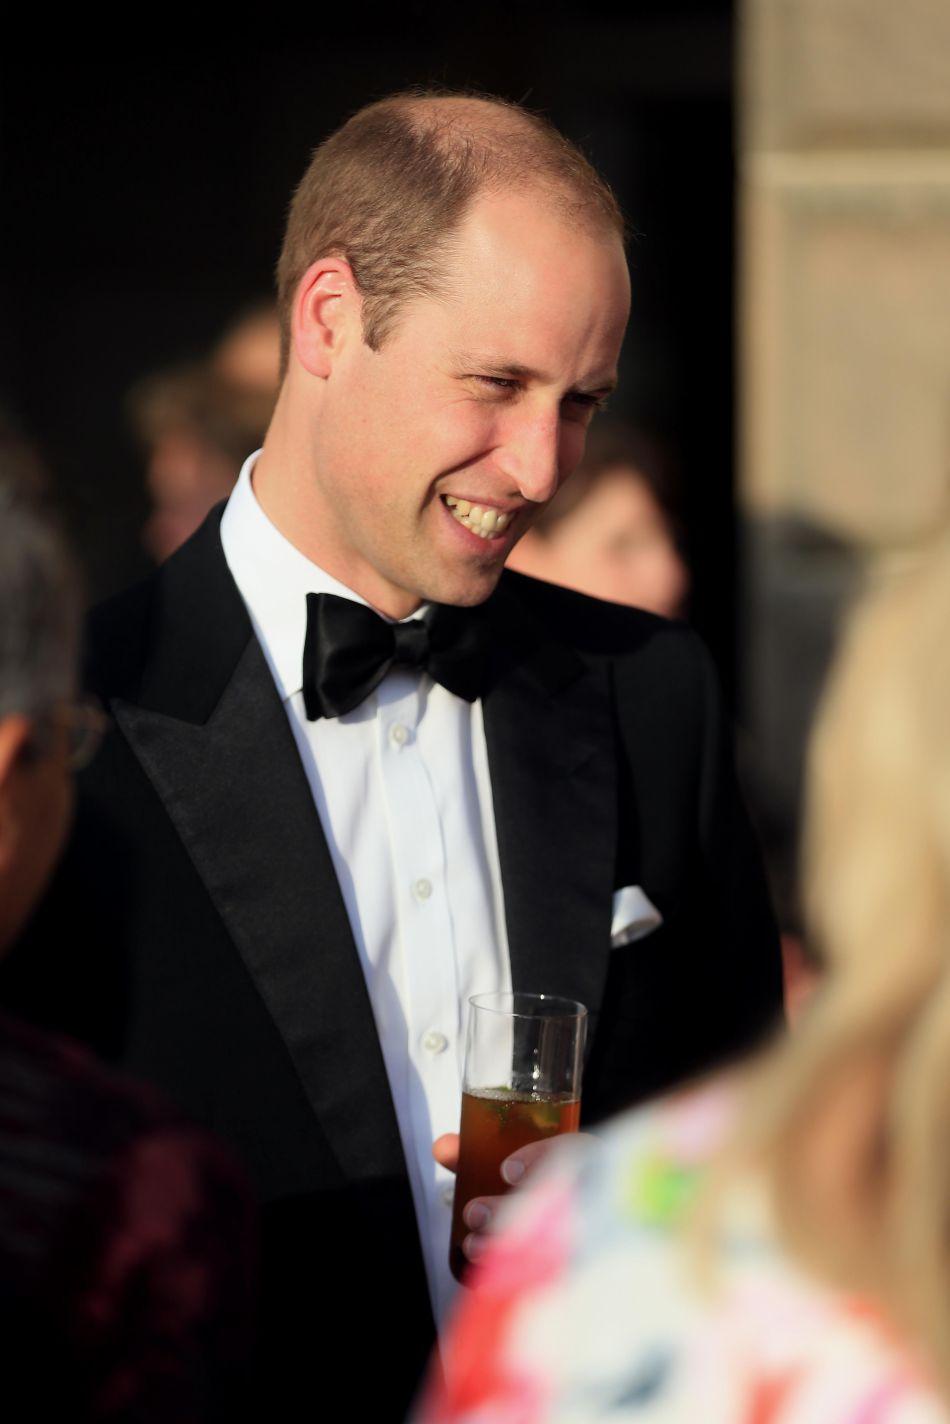 Taquin, le prince William a fait remarquer que c'est grâce aux talents de cuisinière de son épouse qu'il est si mince.